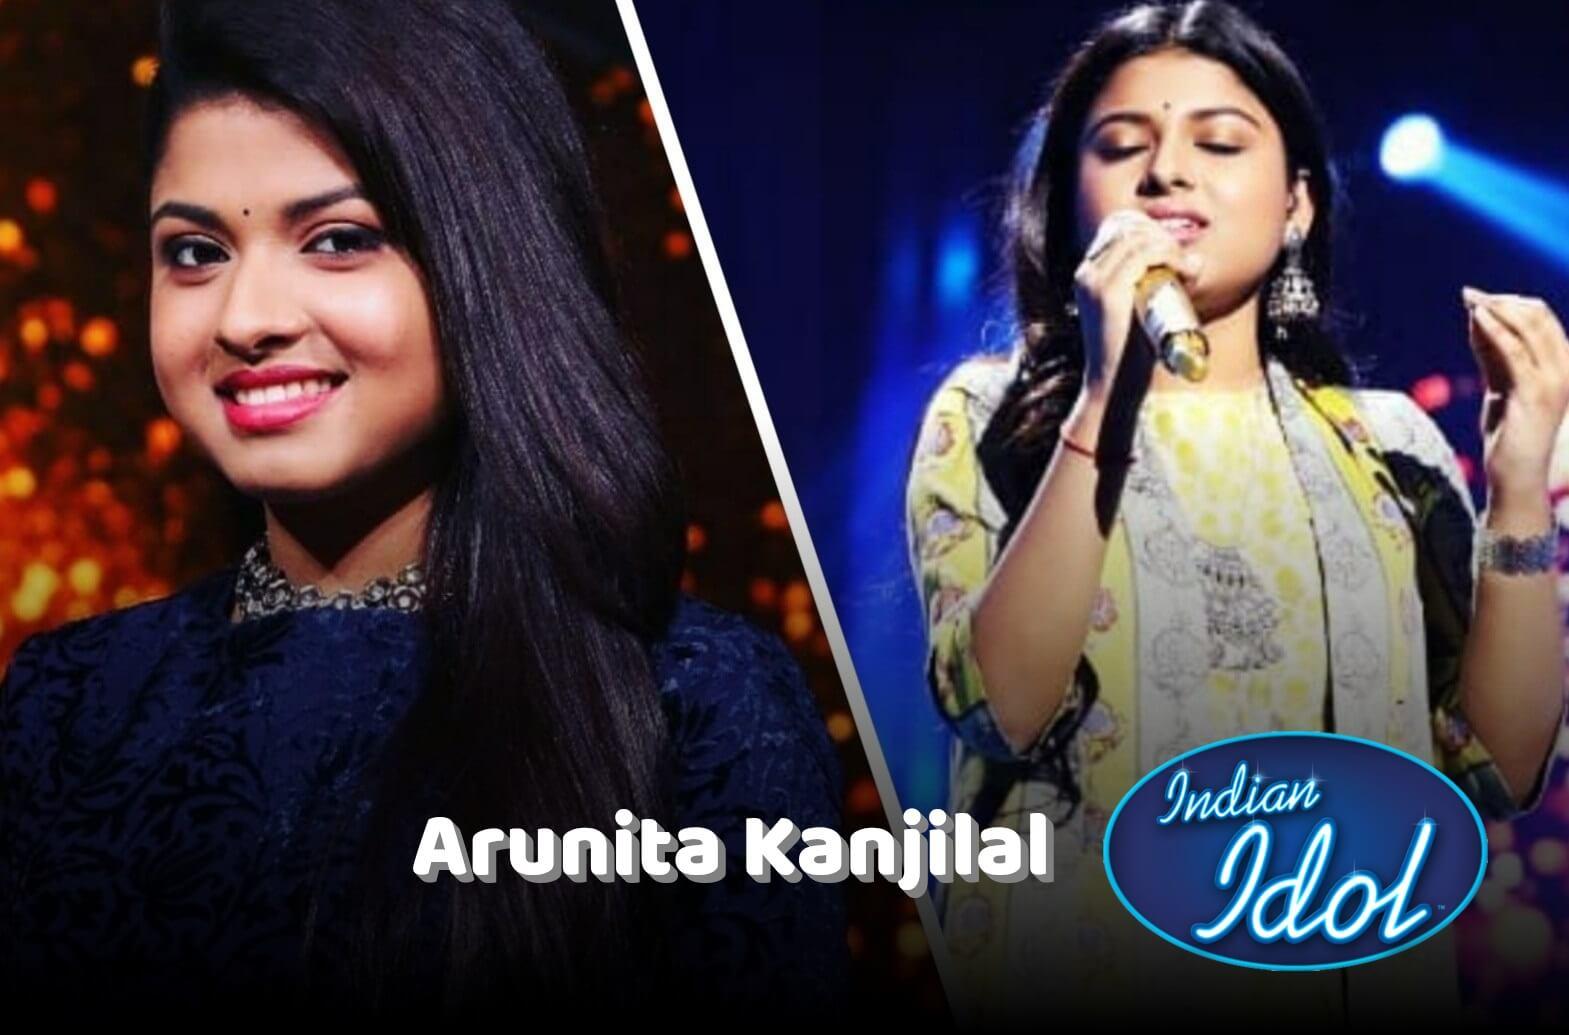 Arunita-Kanjilal-Indian-Idol-2020-Contestant-Wiki-Age-Bio-Hometown-Season-12